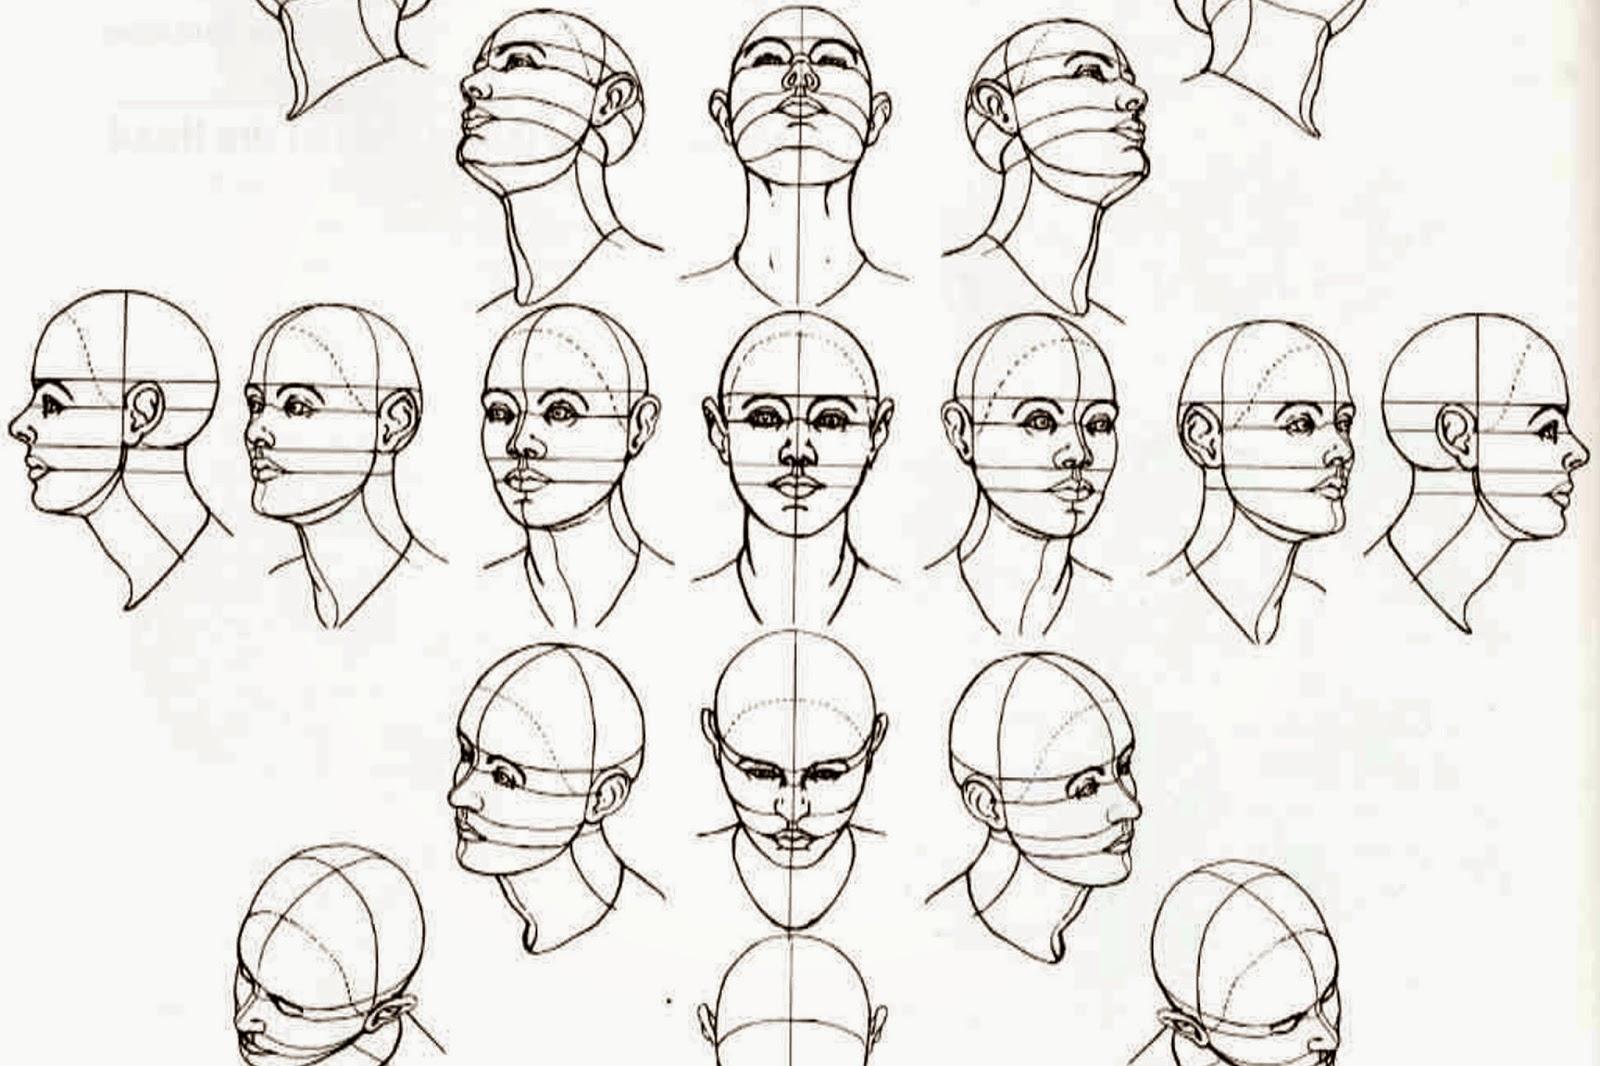 Muj Svet Kresleni Kresba Obliceje